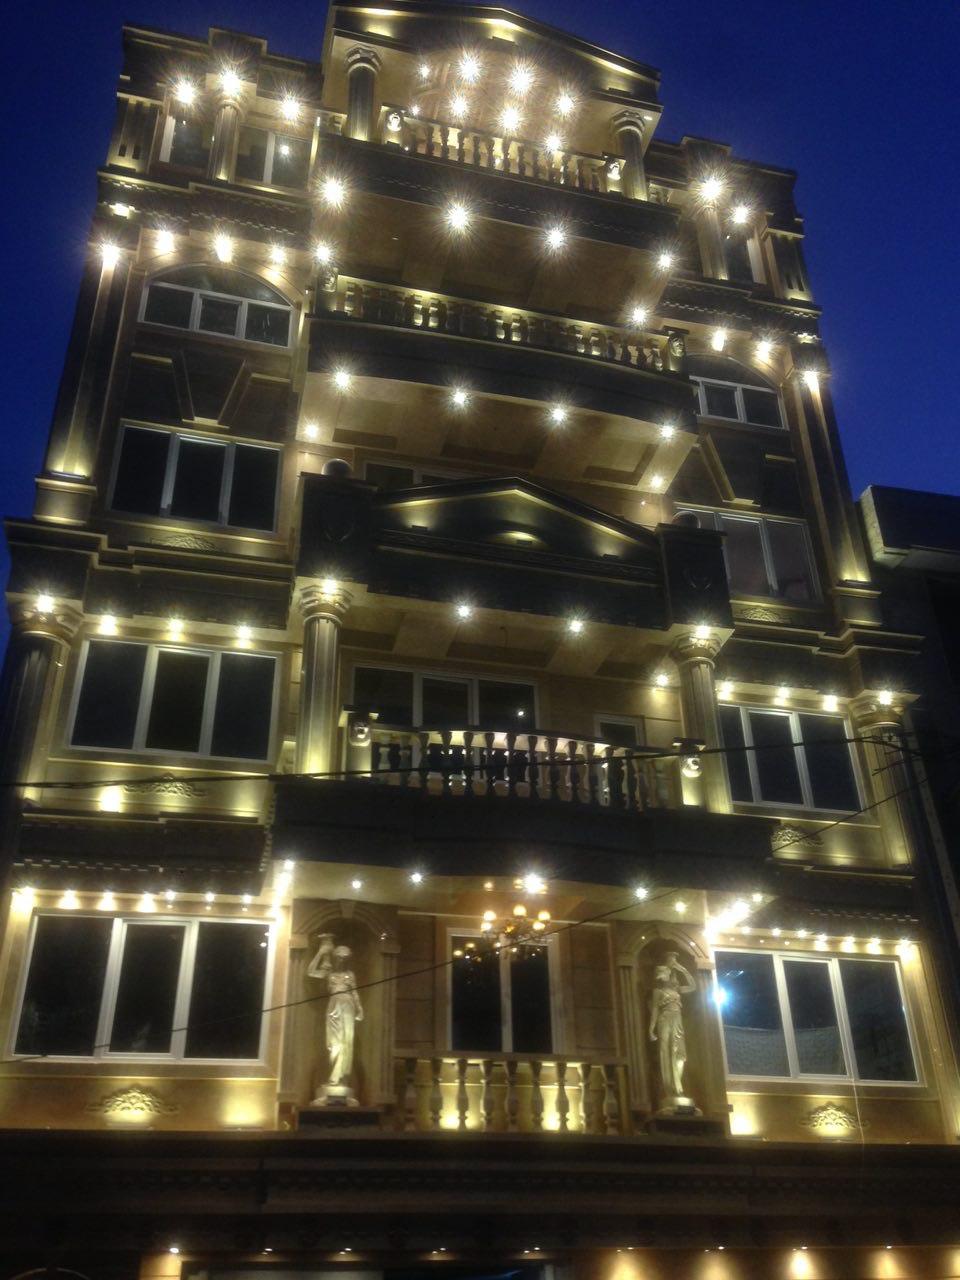 آپارتمان ۱۱۵ متری لاکچریترین در اندیشه جهت فروش